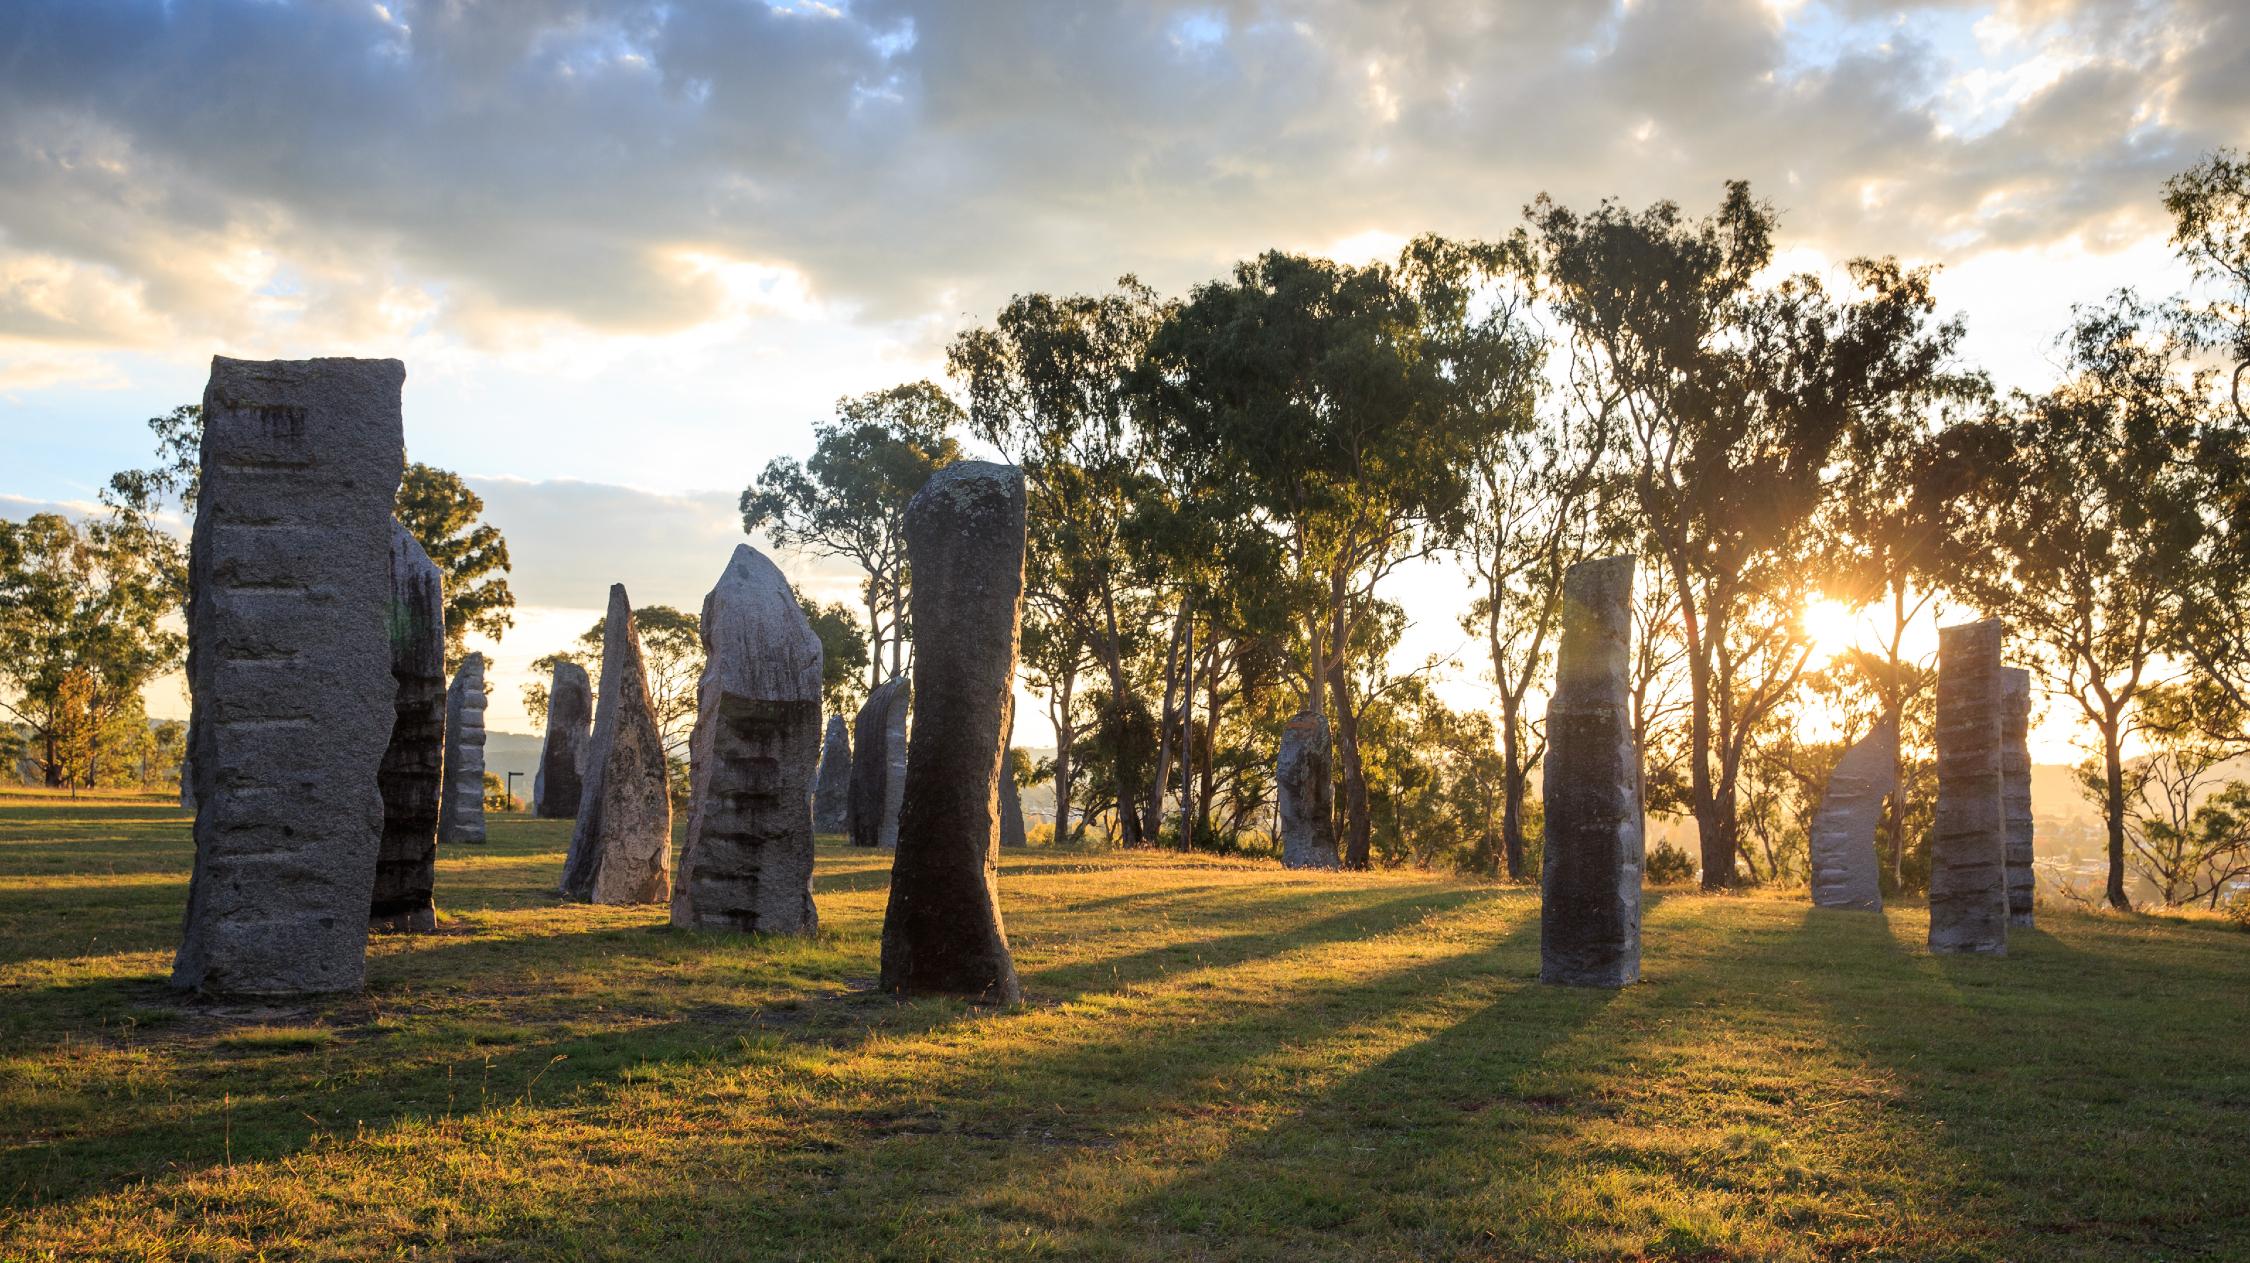 The Australian Standing Stones in Glen Innes